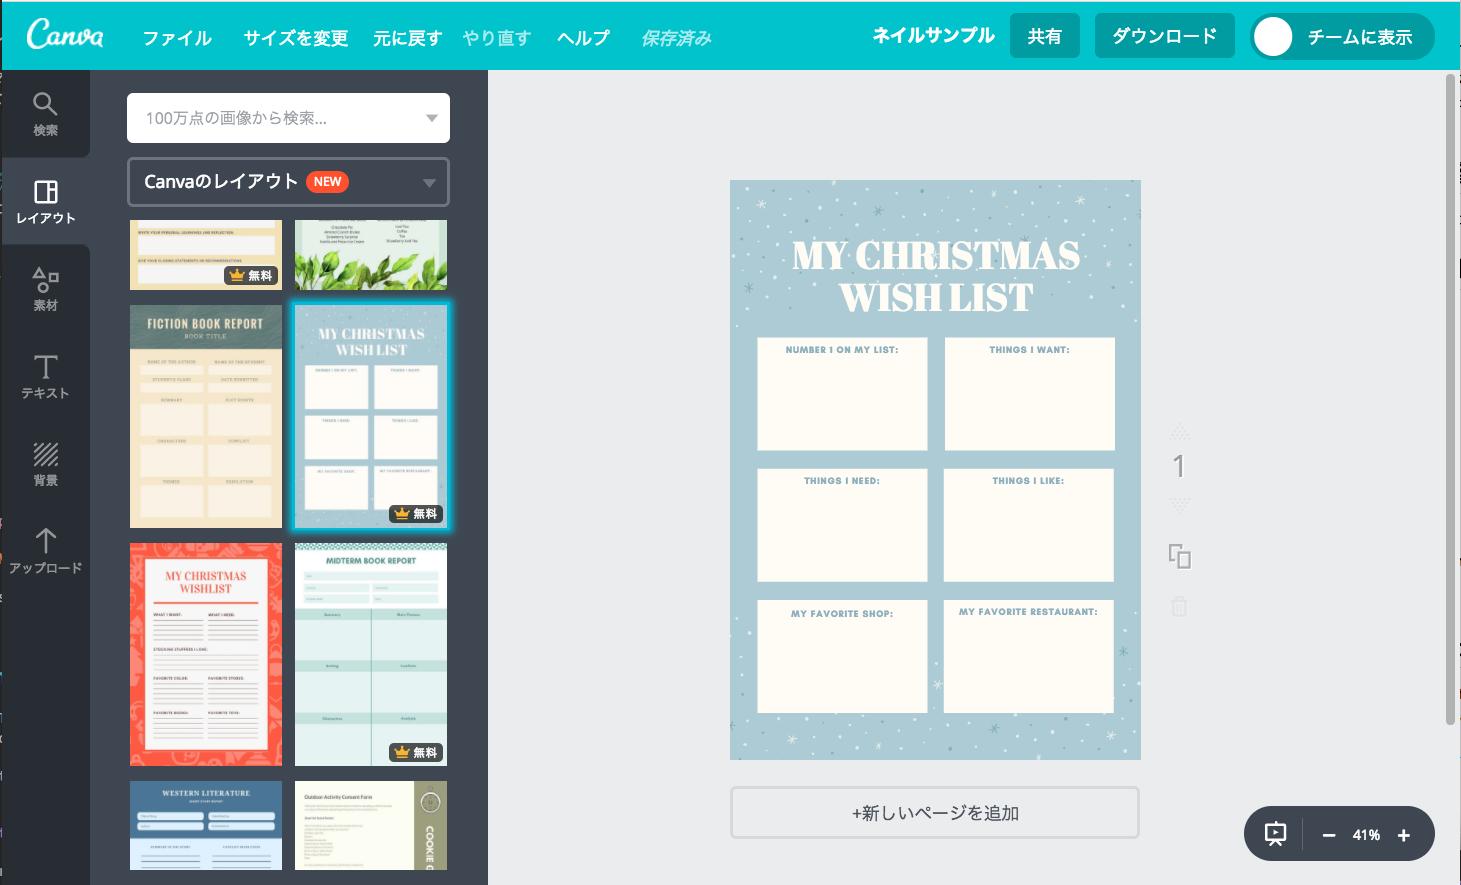 キャプチャ:Canva操作画面 ChristmasWishListの選択